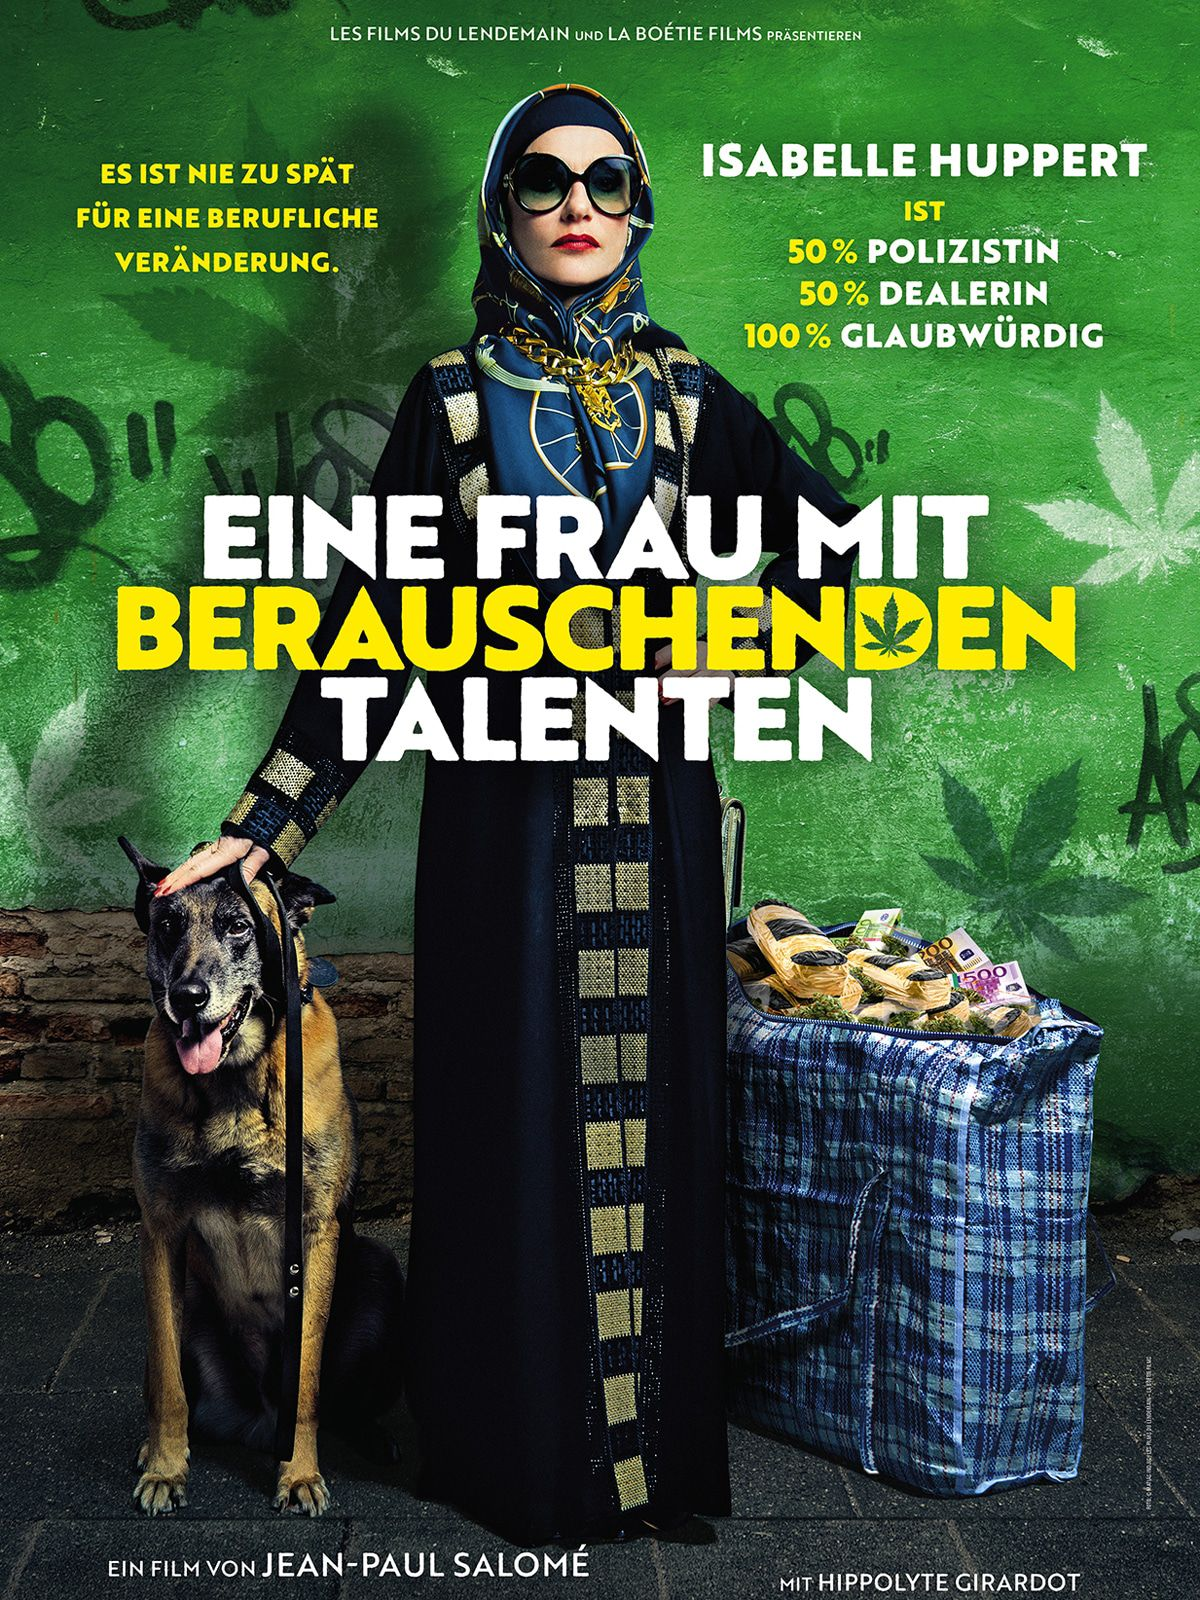 """Coming soon: Isabelle Huppert als """"Frau mit berauschenden Talenten"""""""